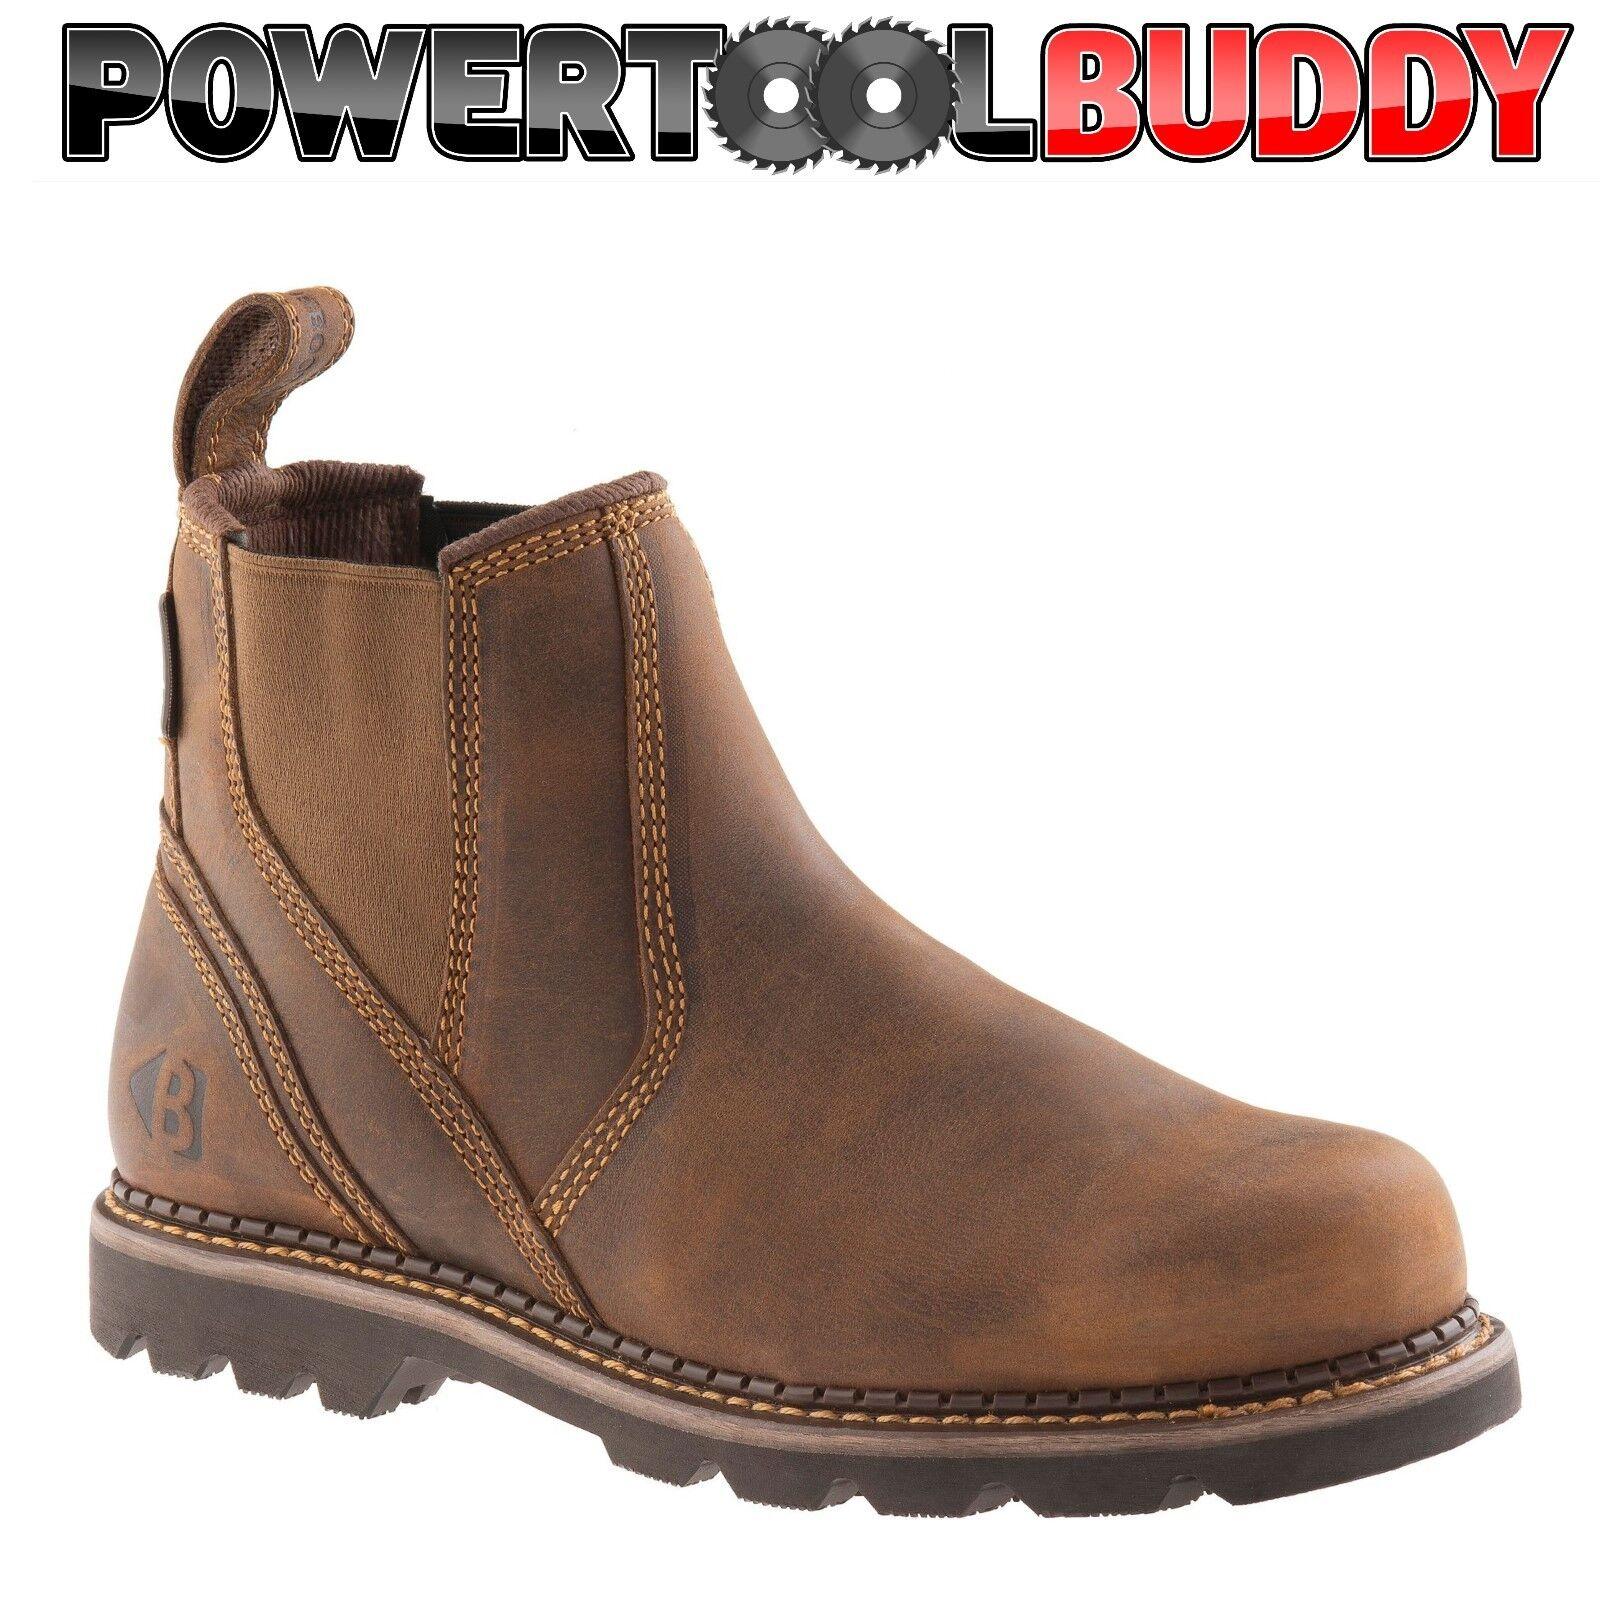 Buckler B1500 Buckflex Dark sz Marrón non-safety dealer botas sz Dark 6/40-13/47 K3 Sole cbe91d